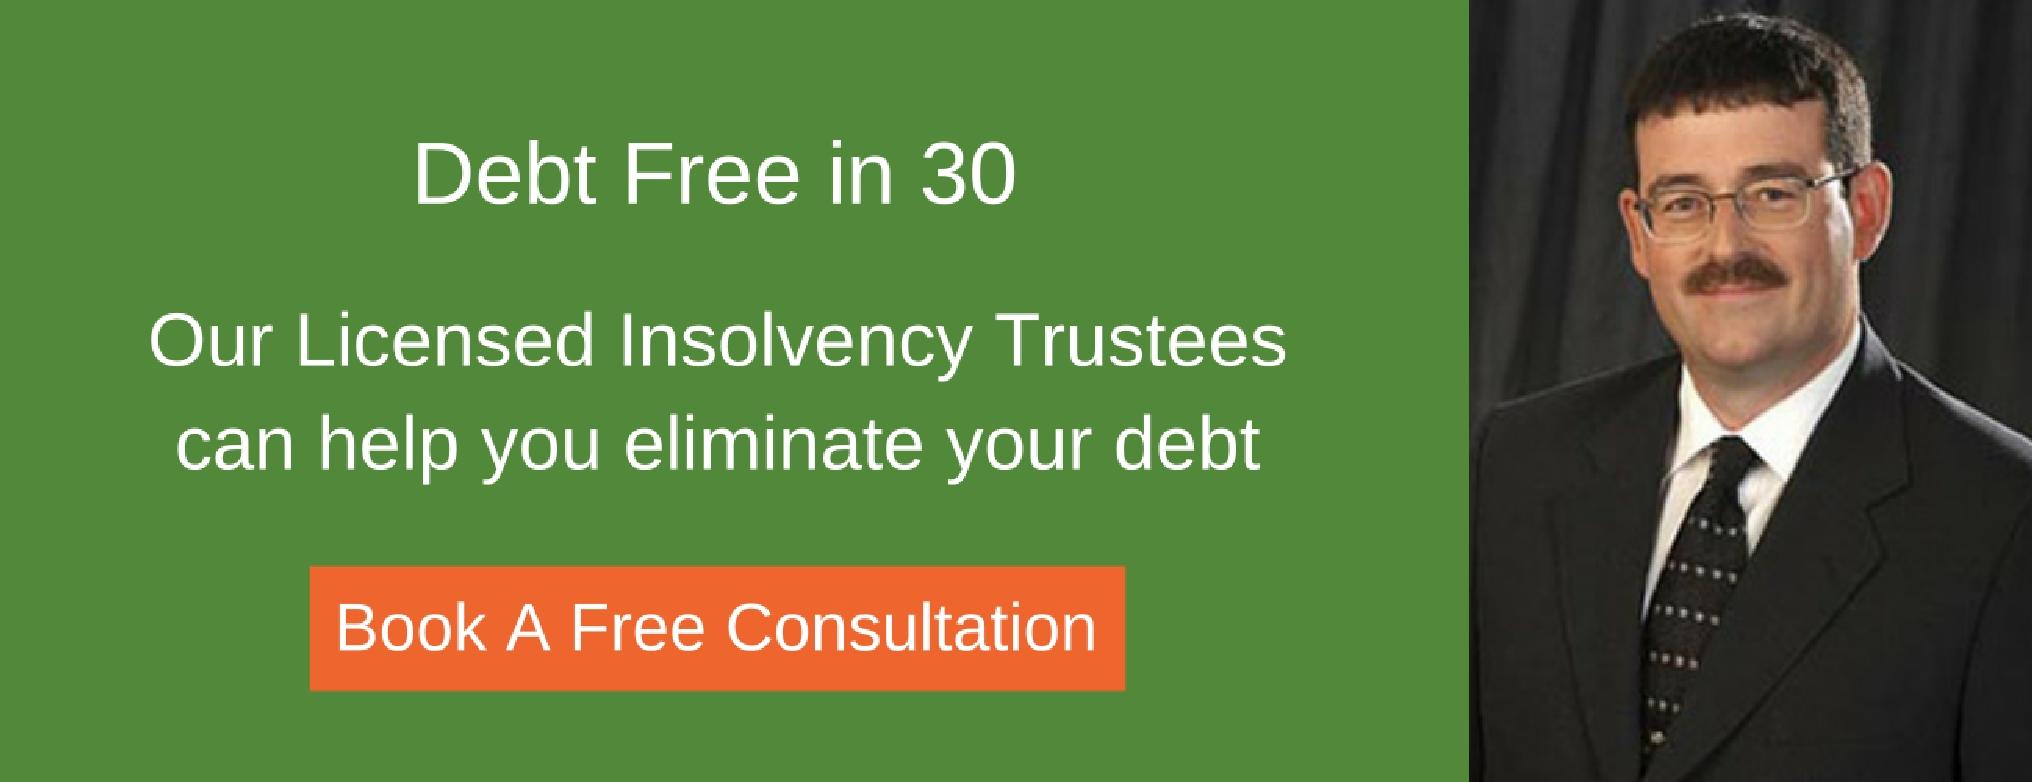 ted-cta-lit-eliminate-debt